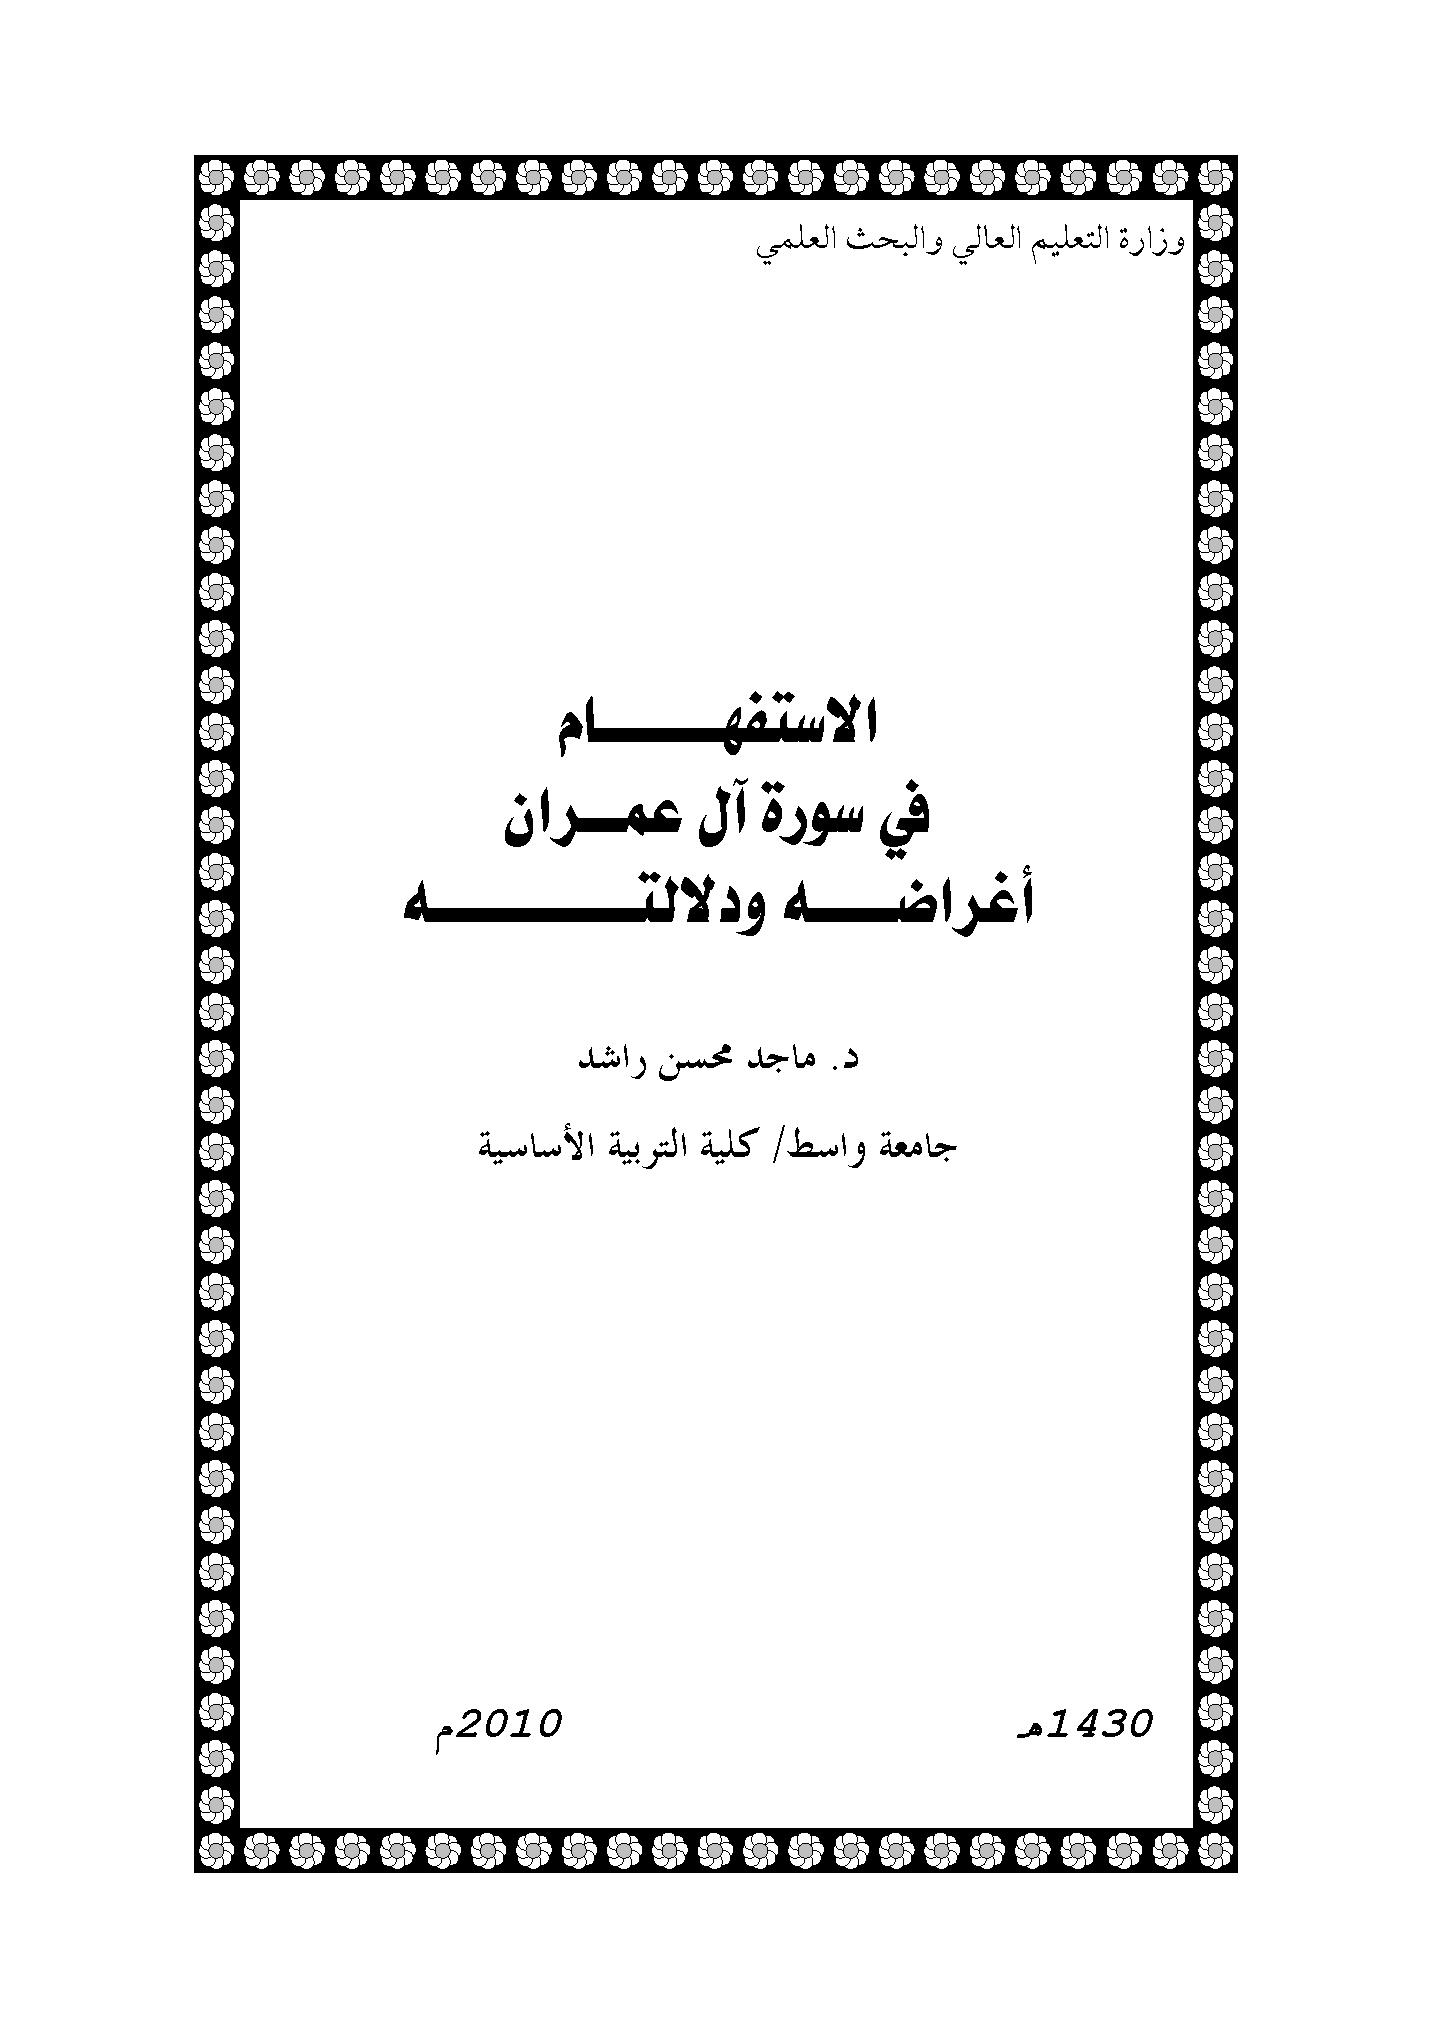 تحميل كتاب الاستفهام في سورة آل عمران (أغراضه ودلالته) لـِ: الدكتور ماجد محسن راشد